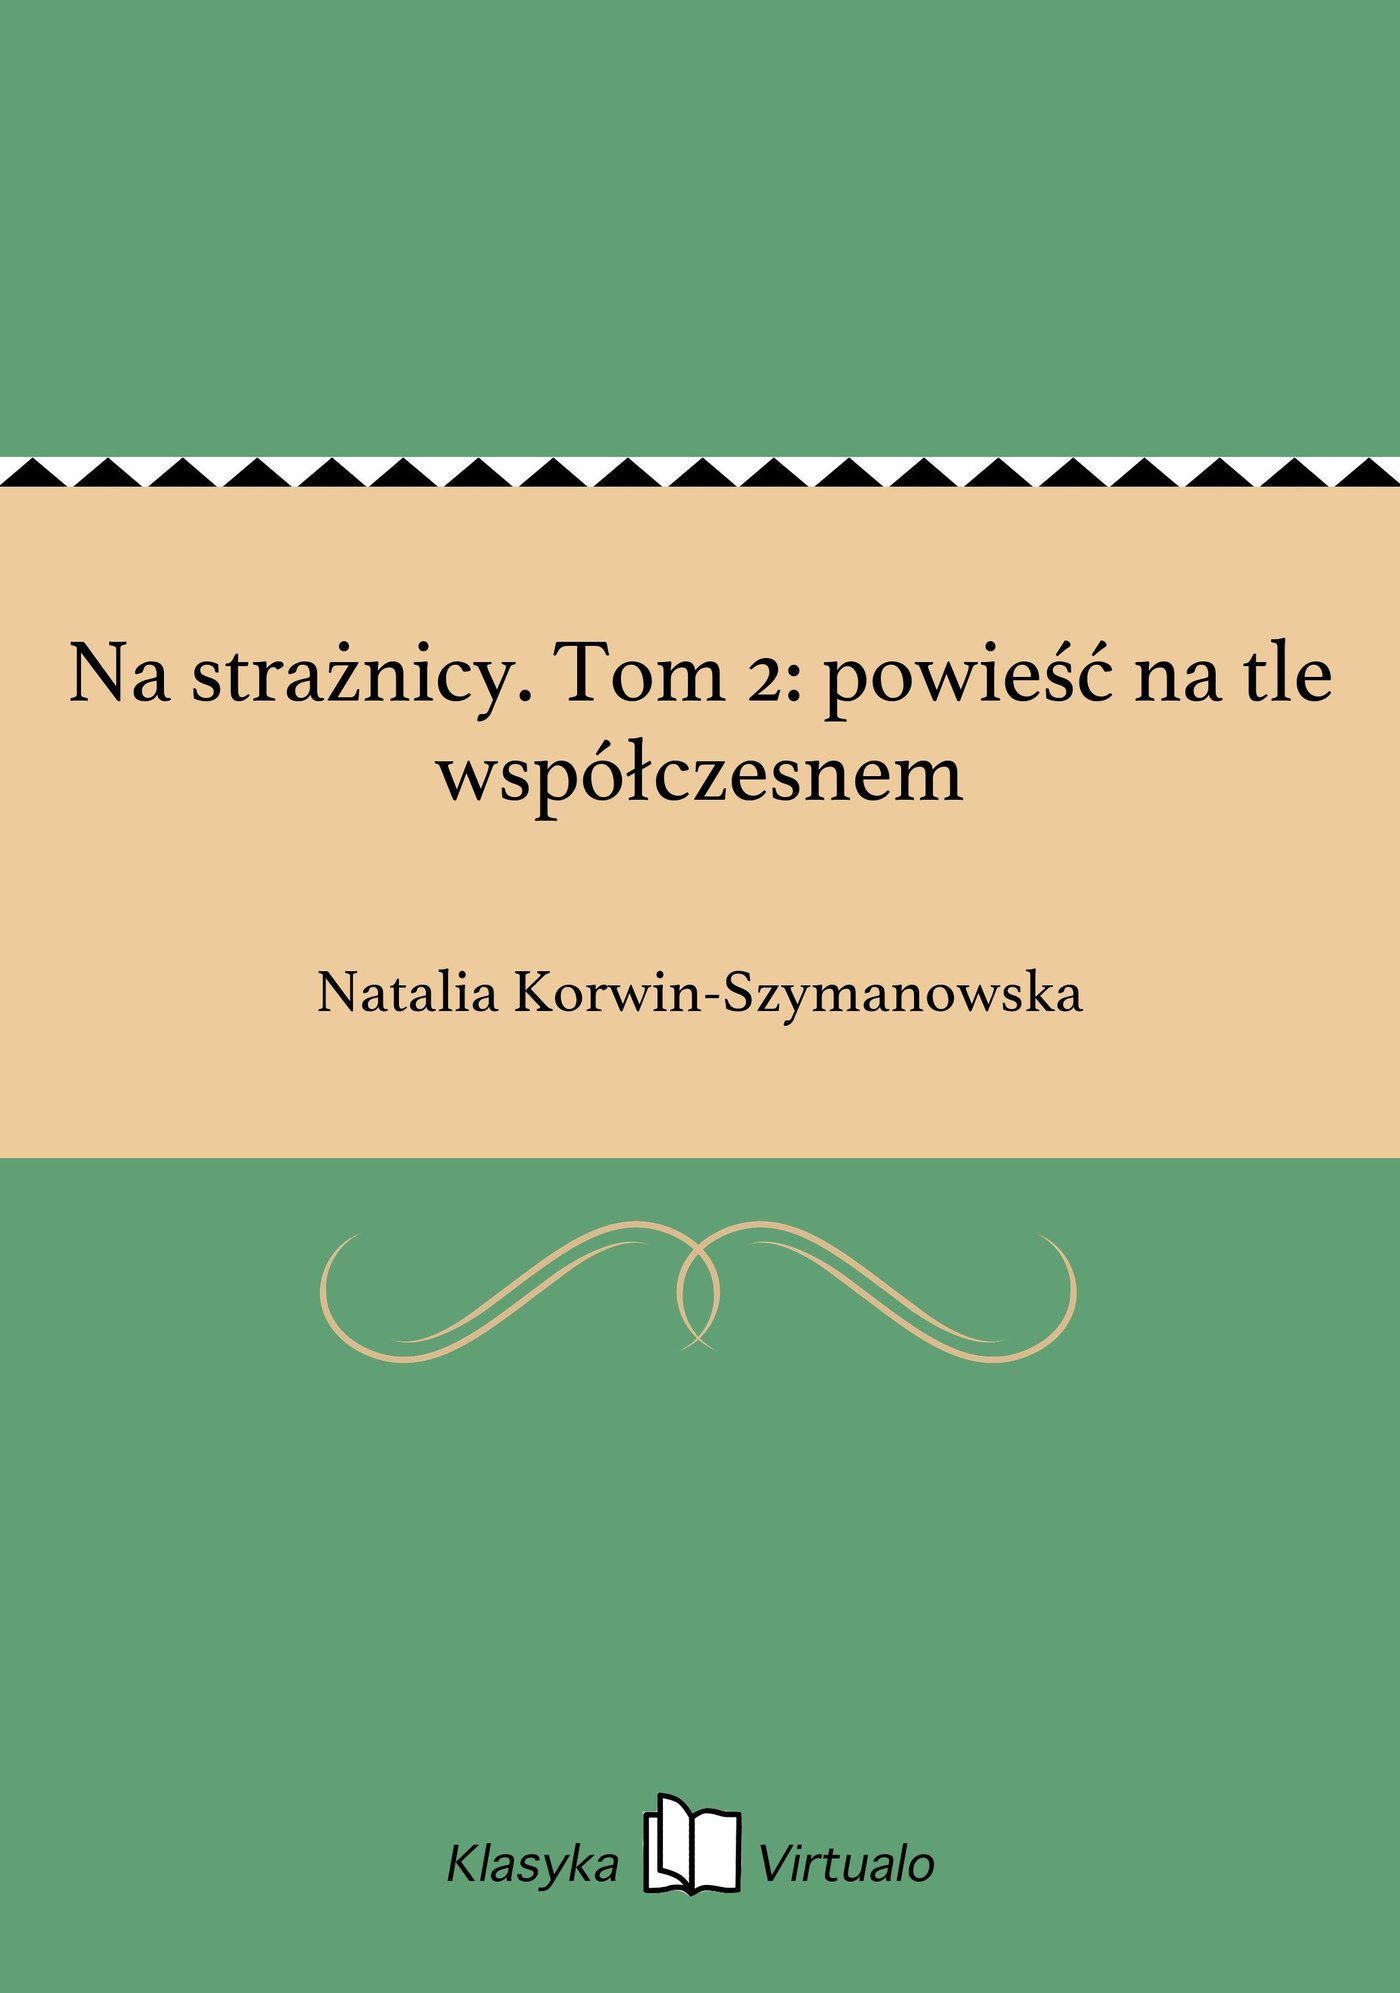 Na strażnicy. Tom 2: powieść na tle współczesnem - Ebook (Książka EPUB) do pobrania w formacie EPUB